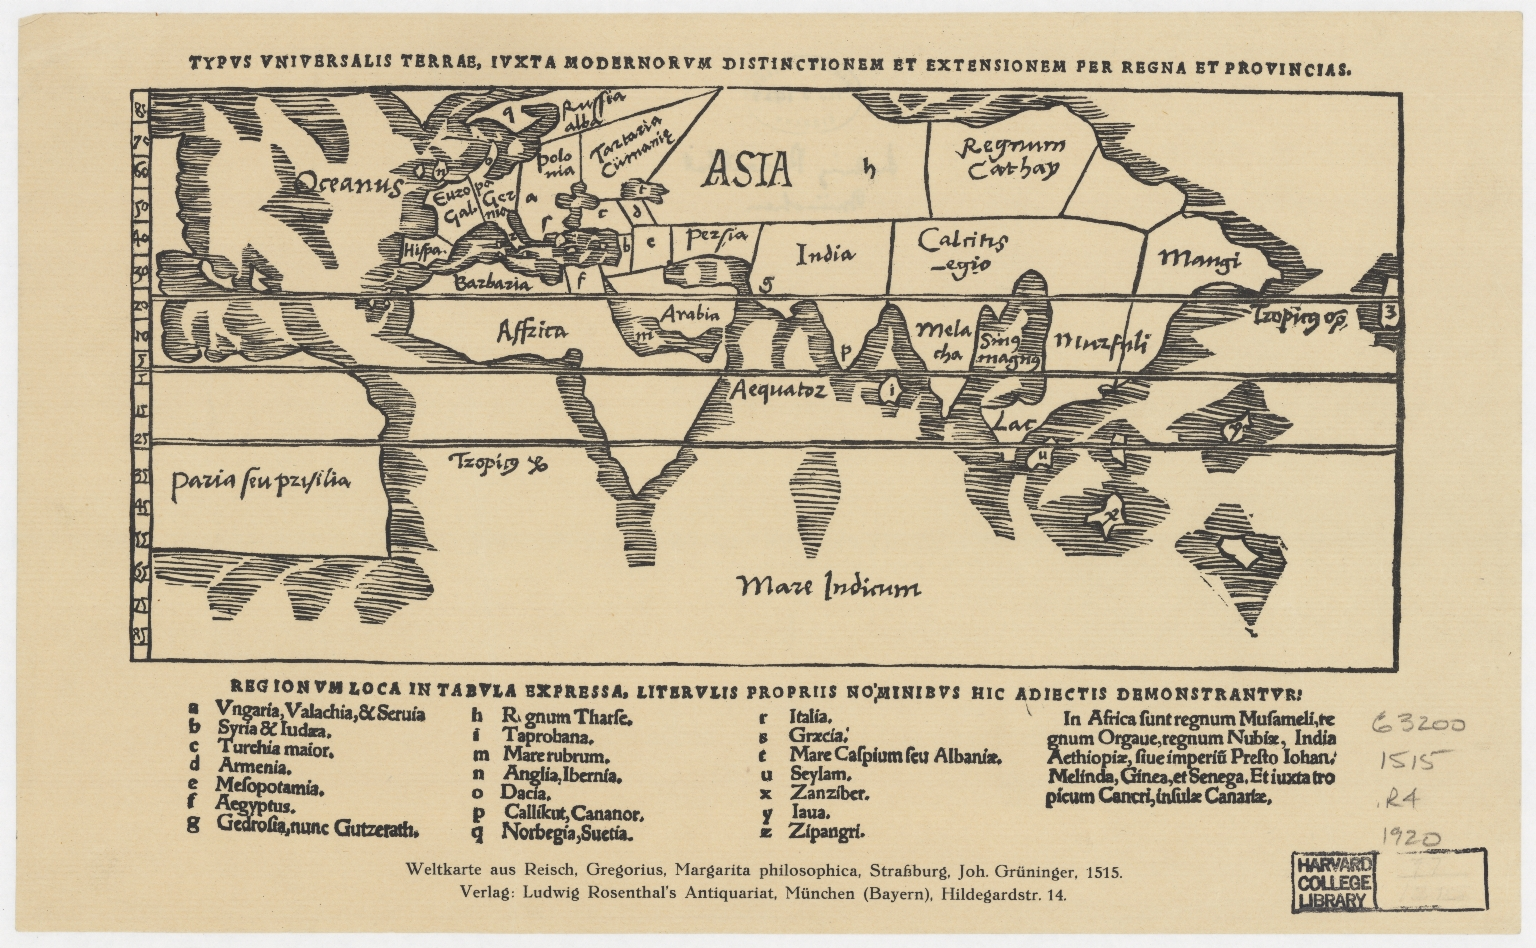 Typus universalis terrae, juxta modernorum distinctionem et extensionem per regna et provincias